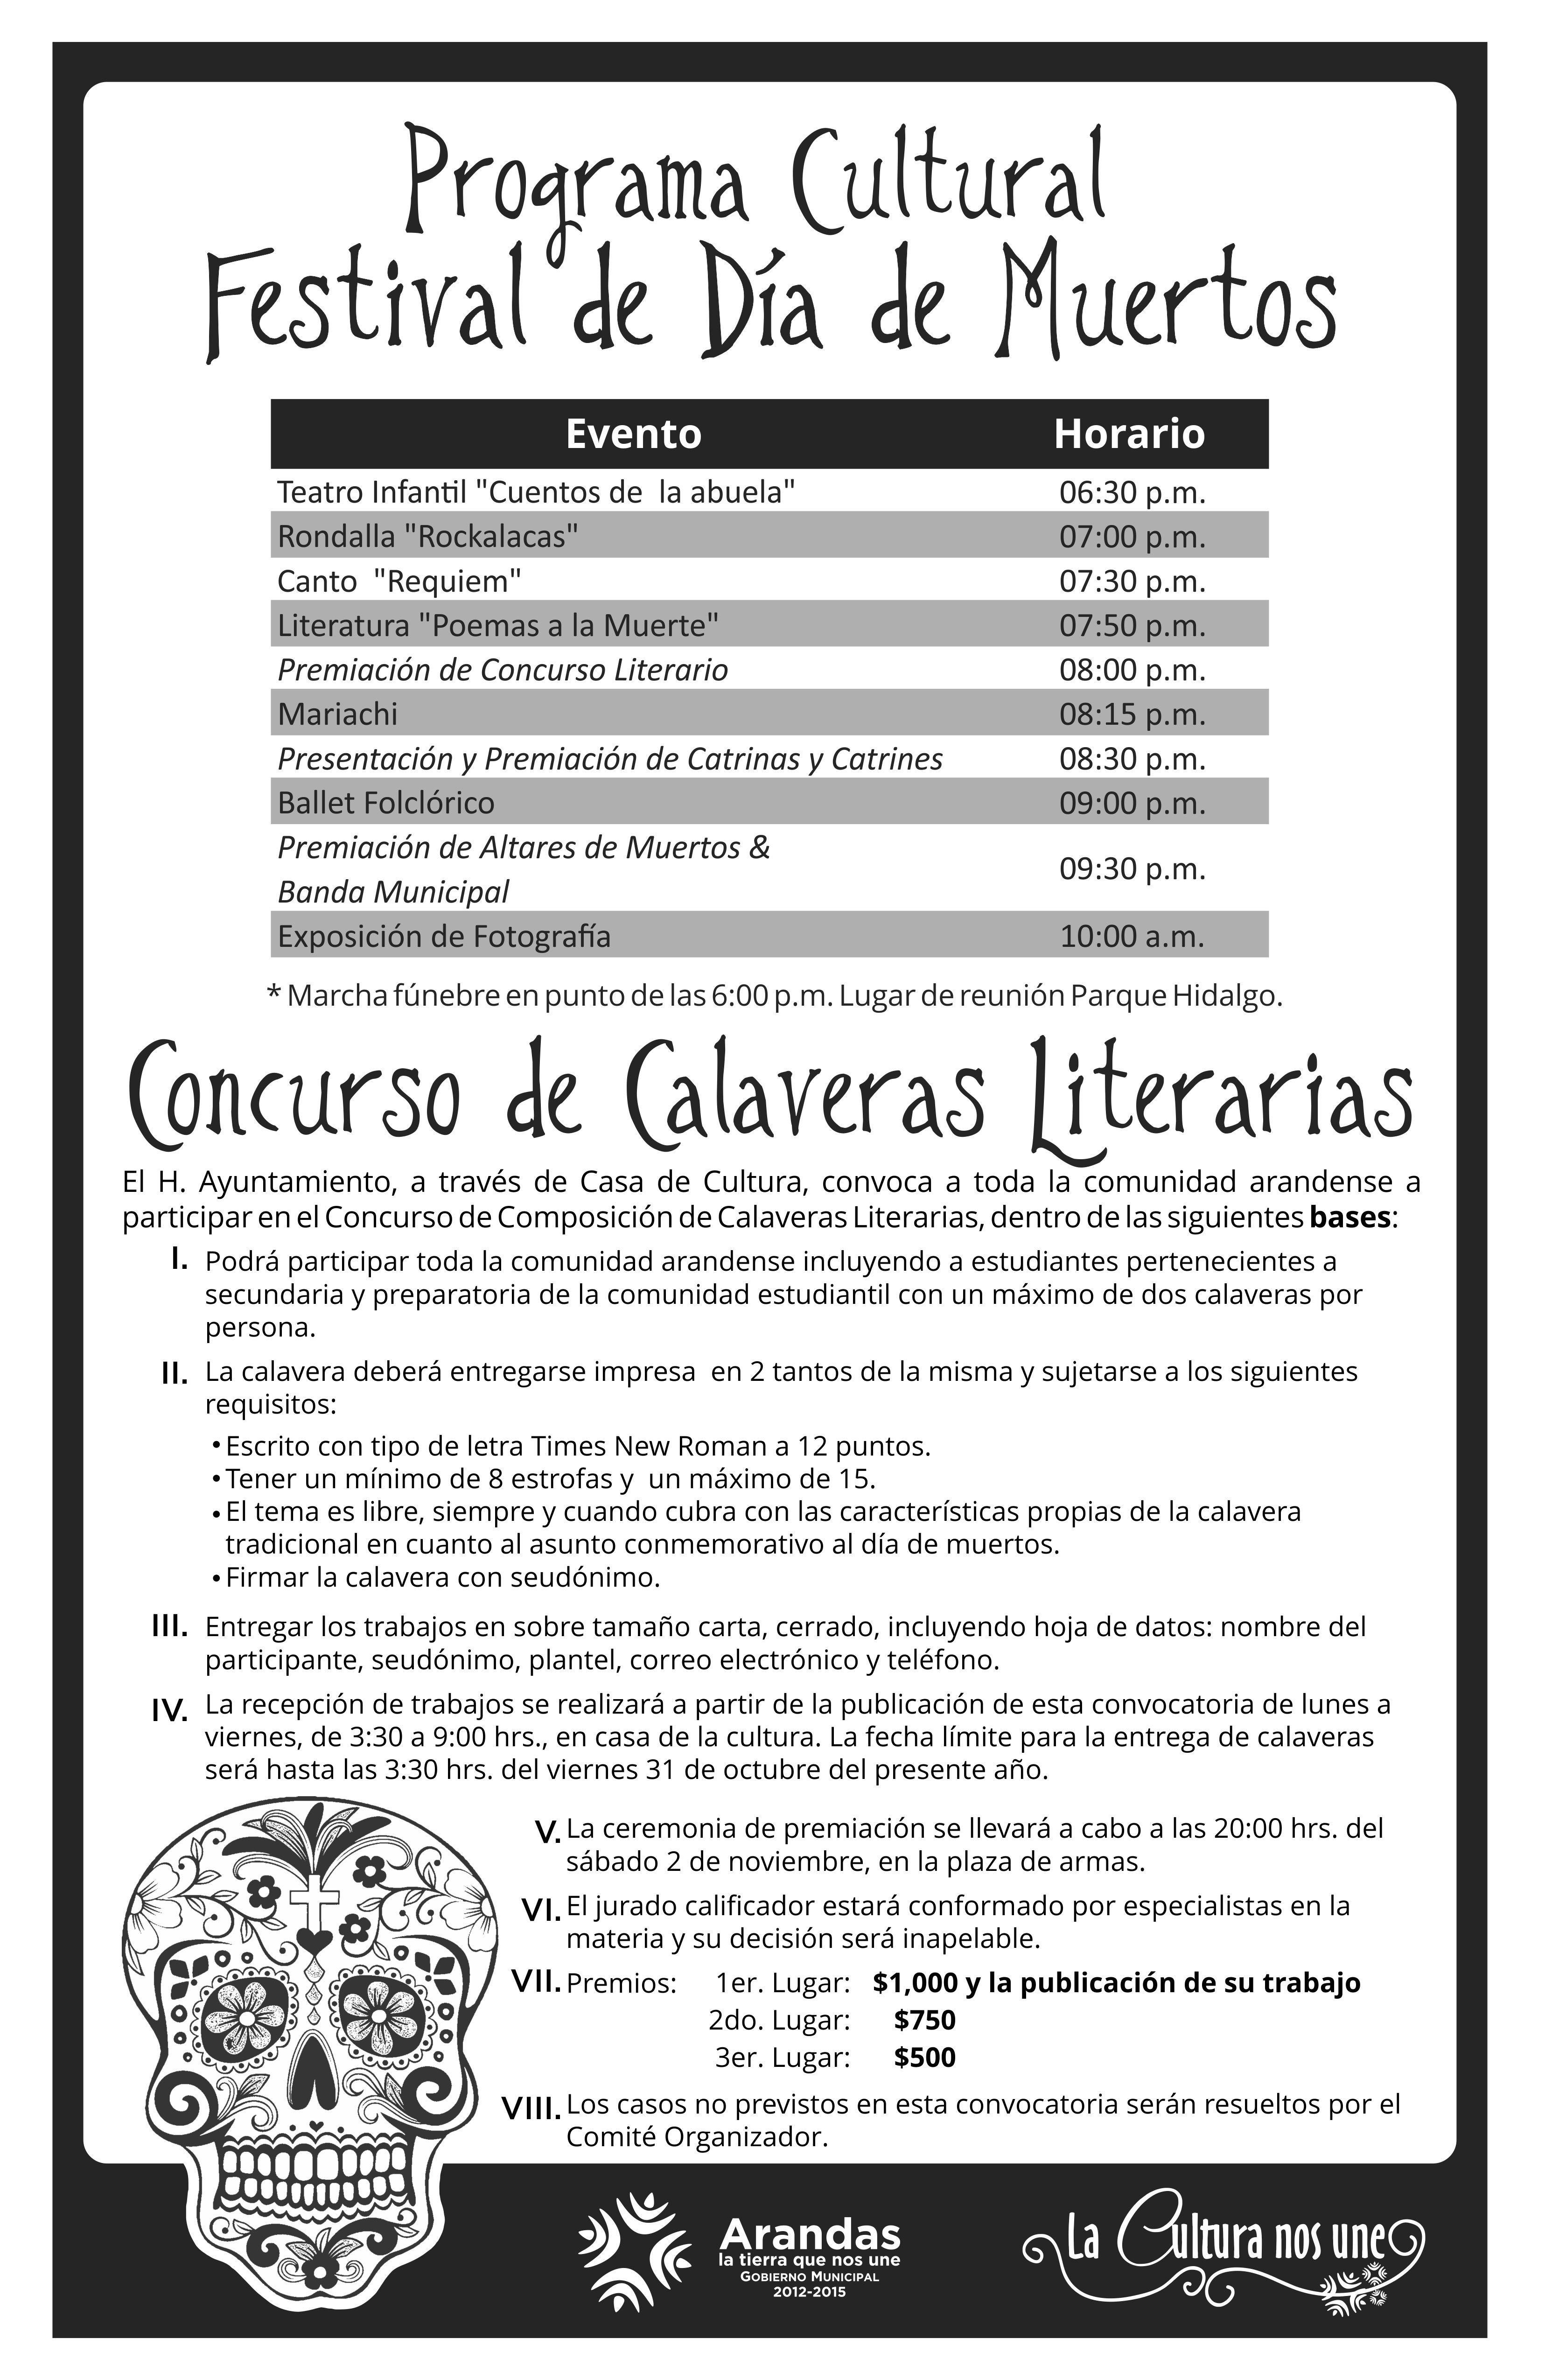 Ayuntamiento convoca al municipio a participar en Concurso de Calaveritas Literarias. | Vive Arandas, Jalisco, La Revista Electrónica